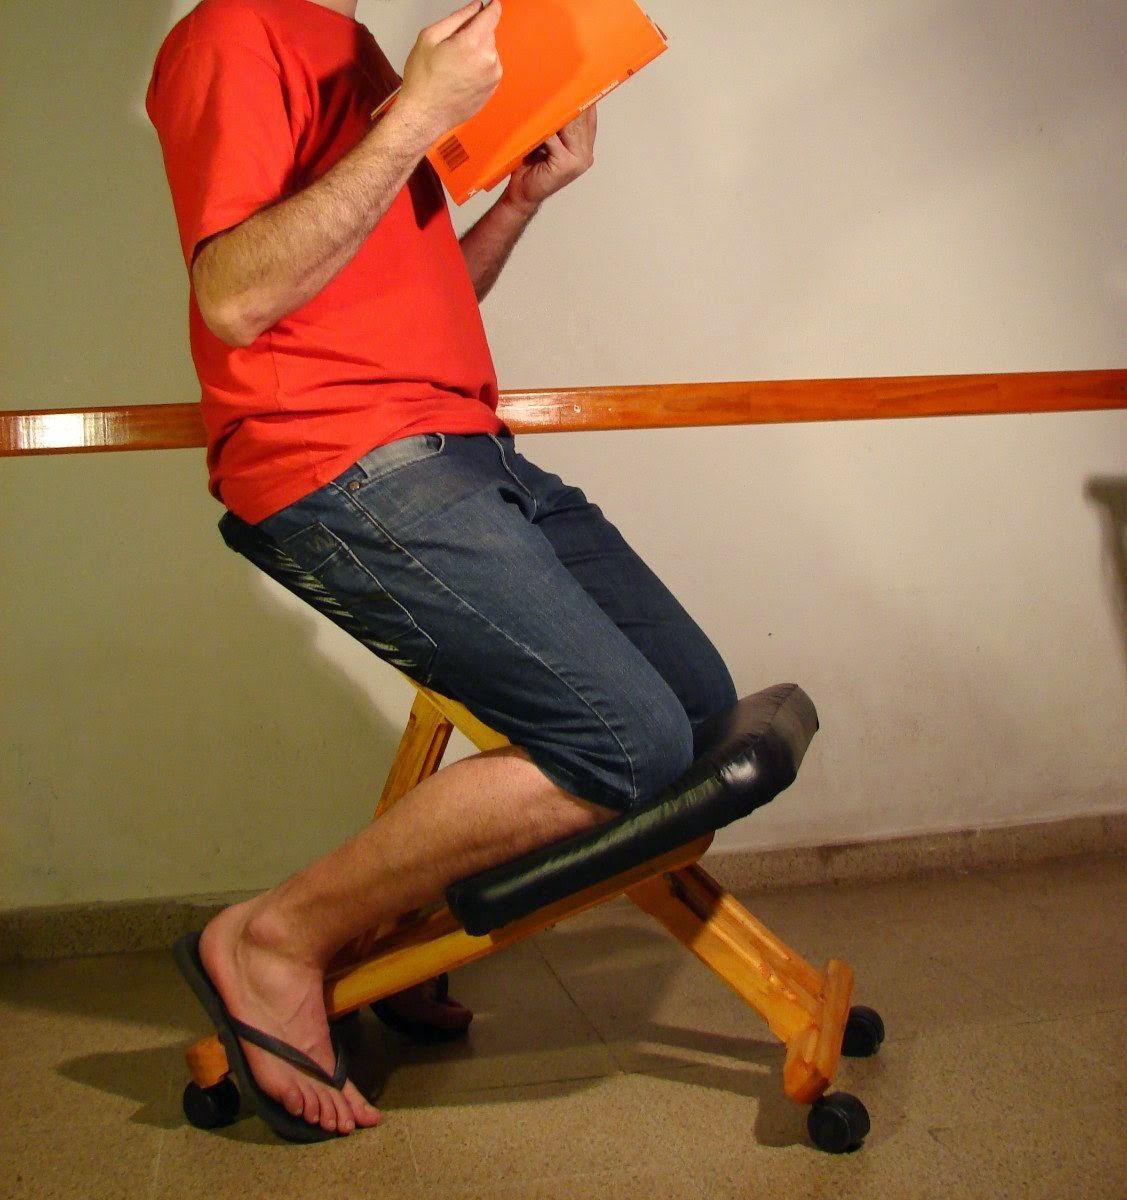 La mejor silla para cuidar tu espalda be saludable for Sillas para una buena postura